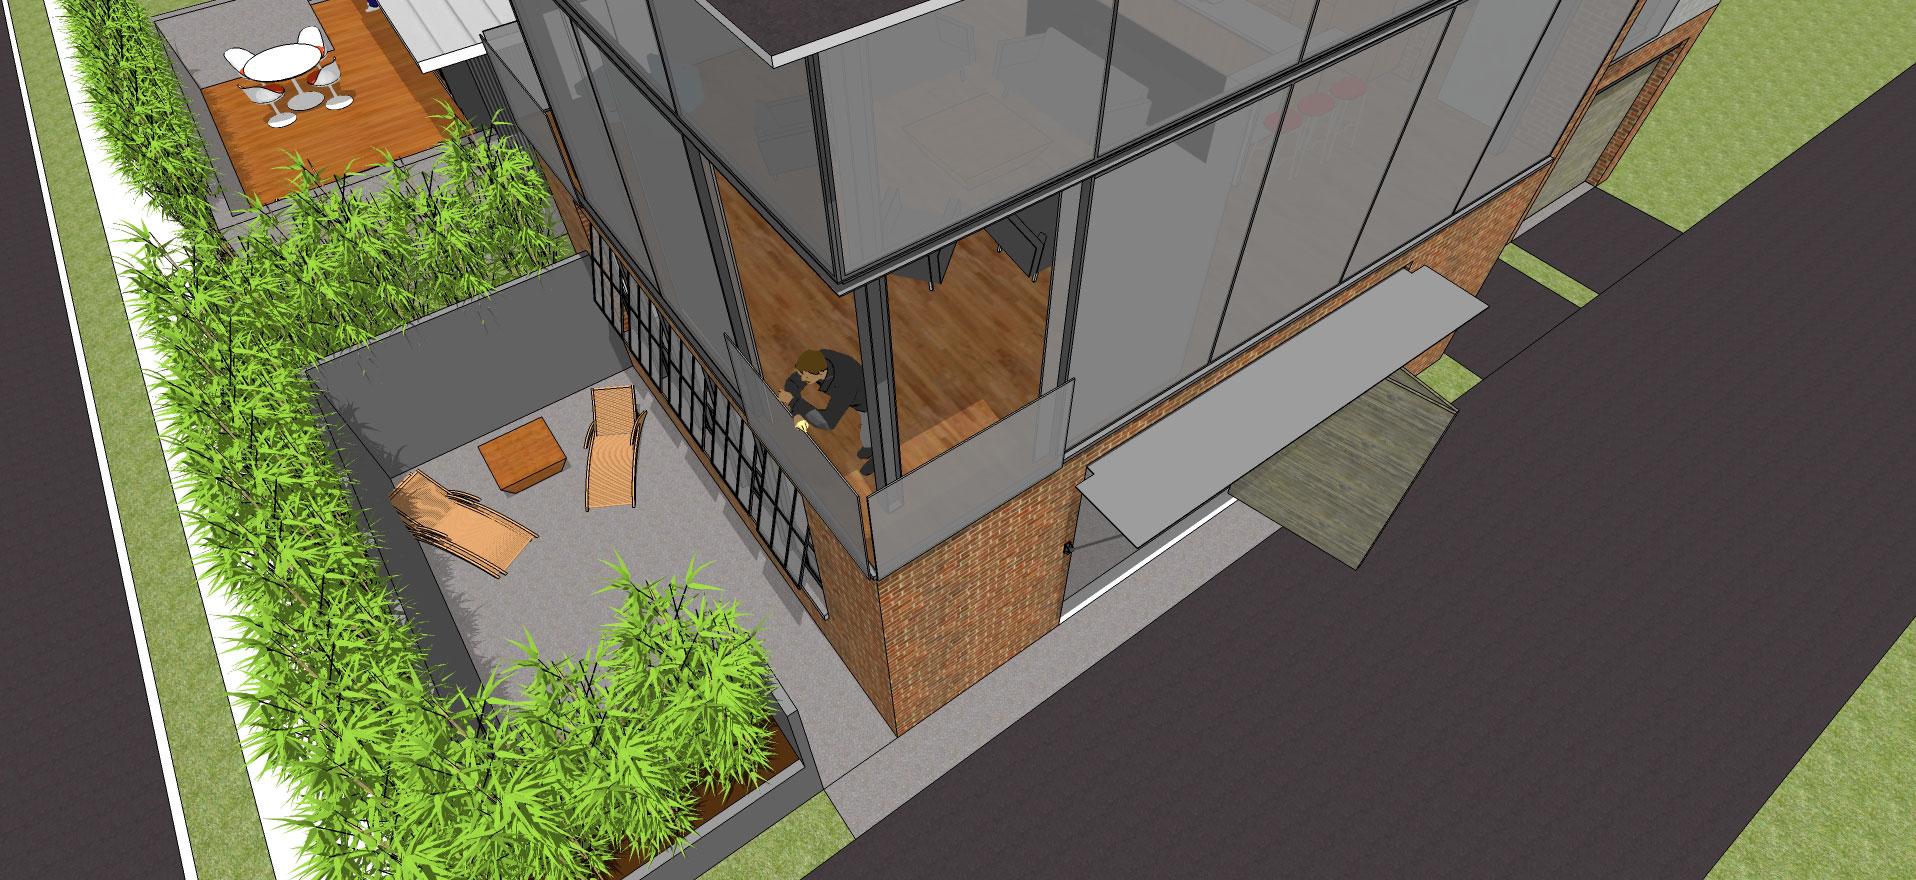 442 Tuscarora detail - patio